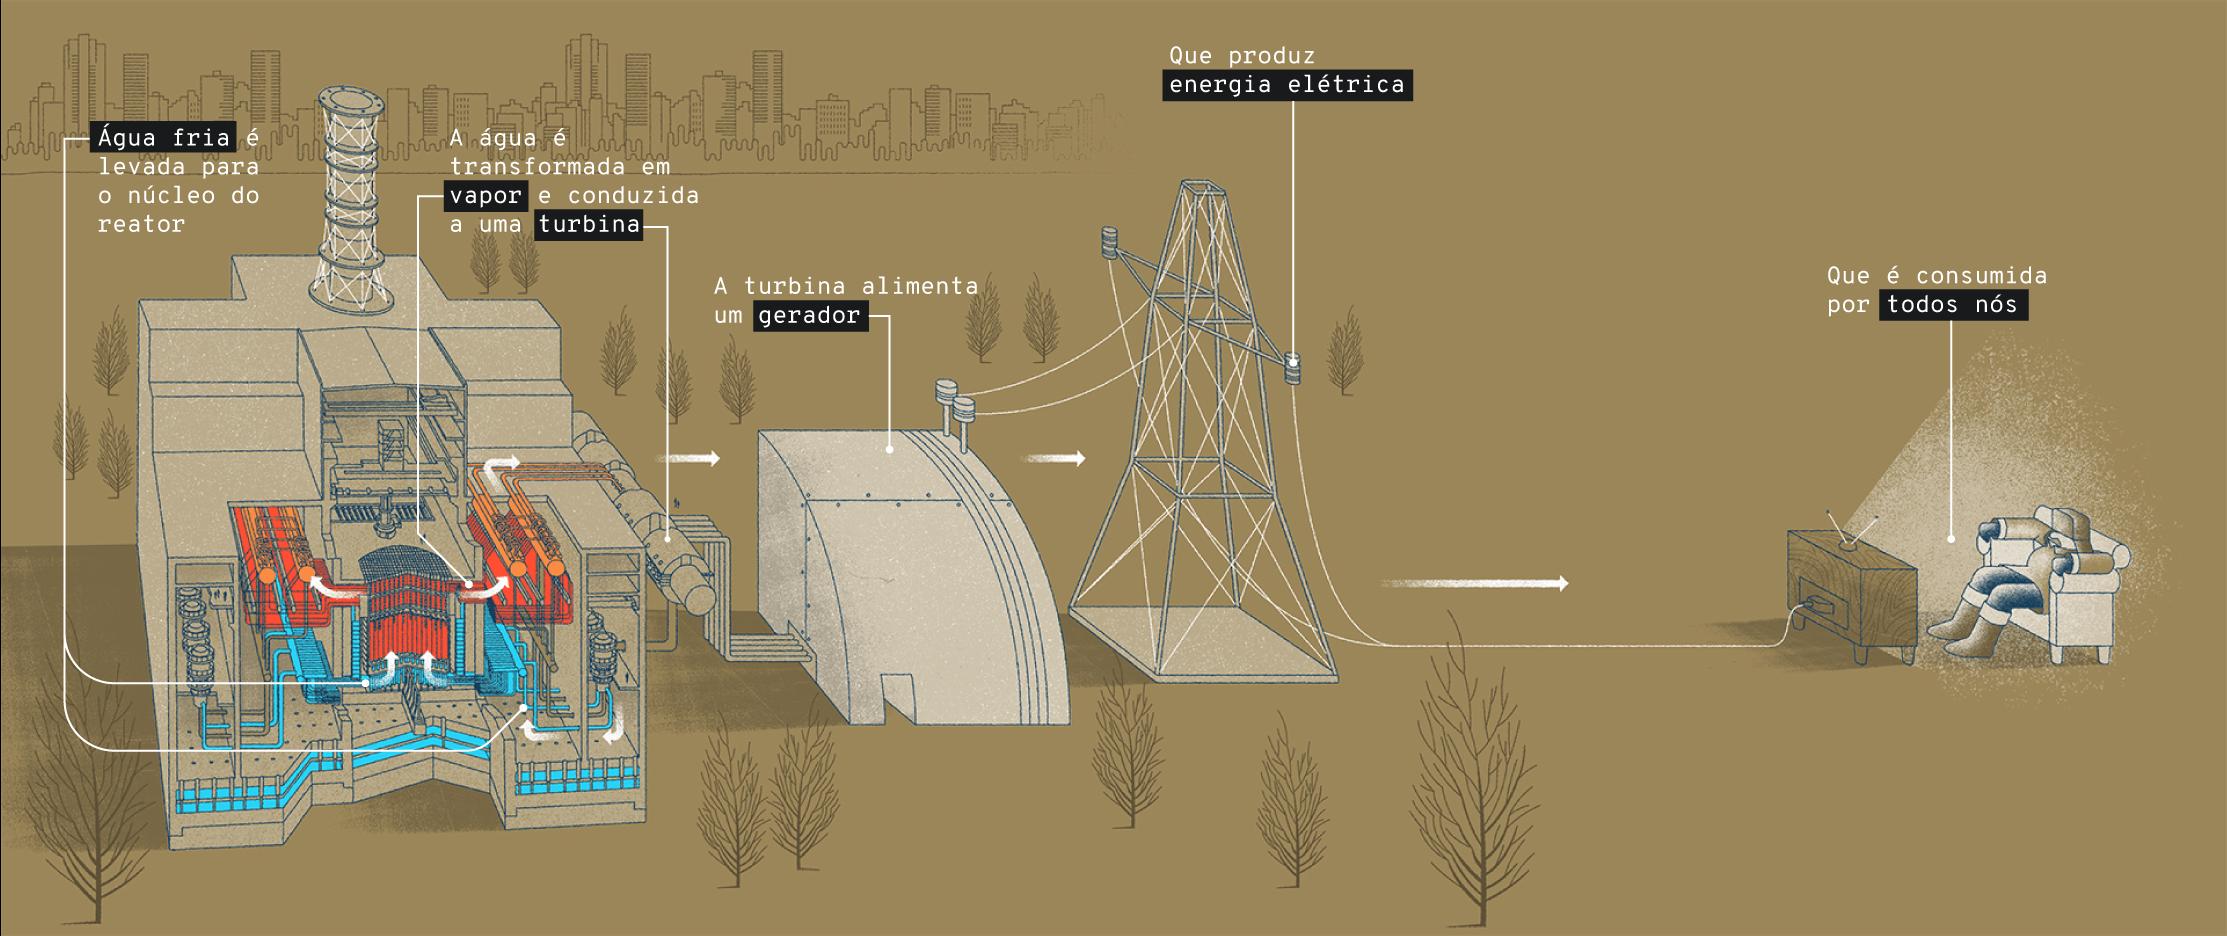 Infográfico: Funcionamento de uma usina nuclear